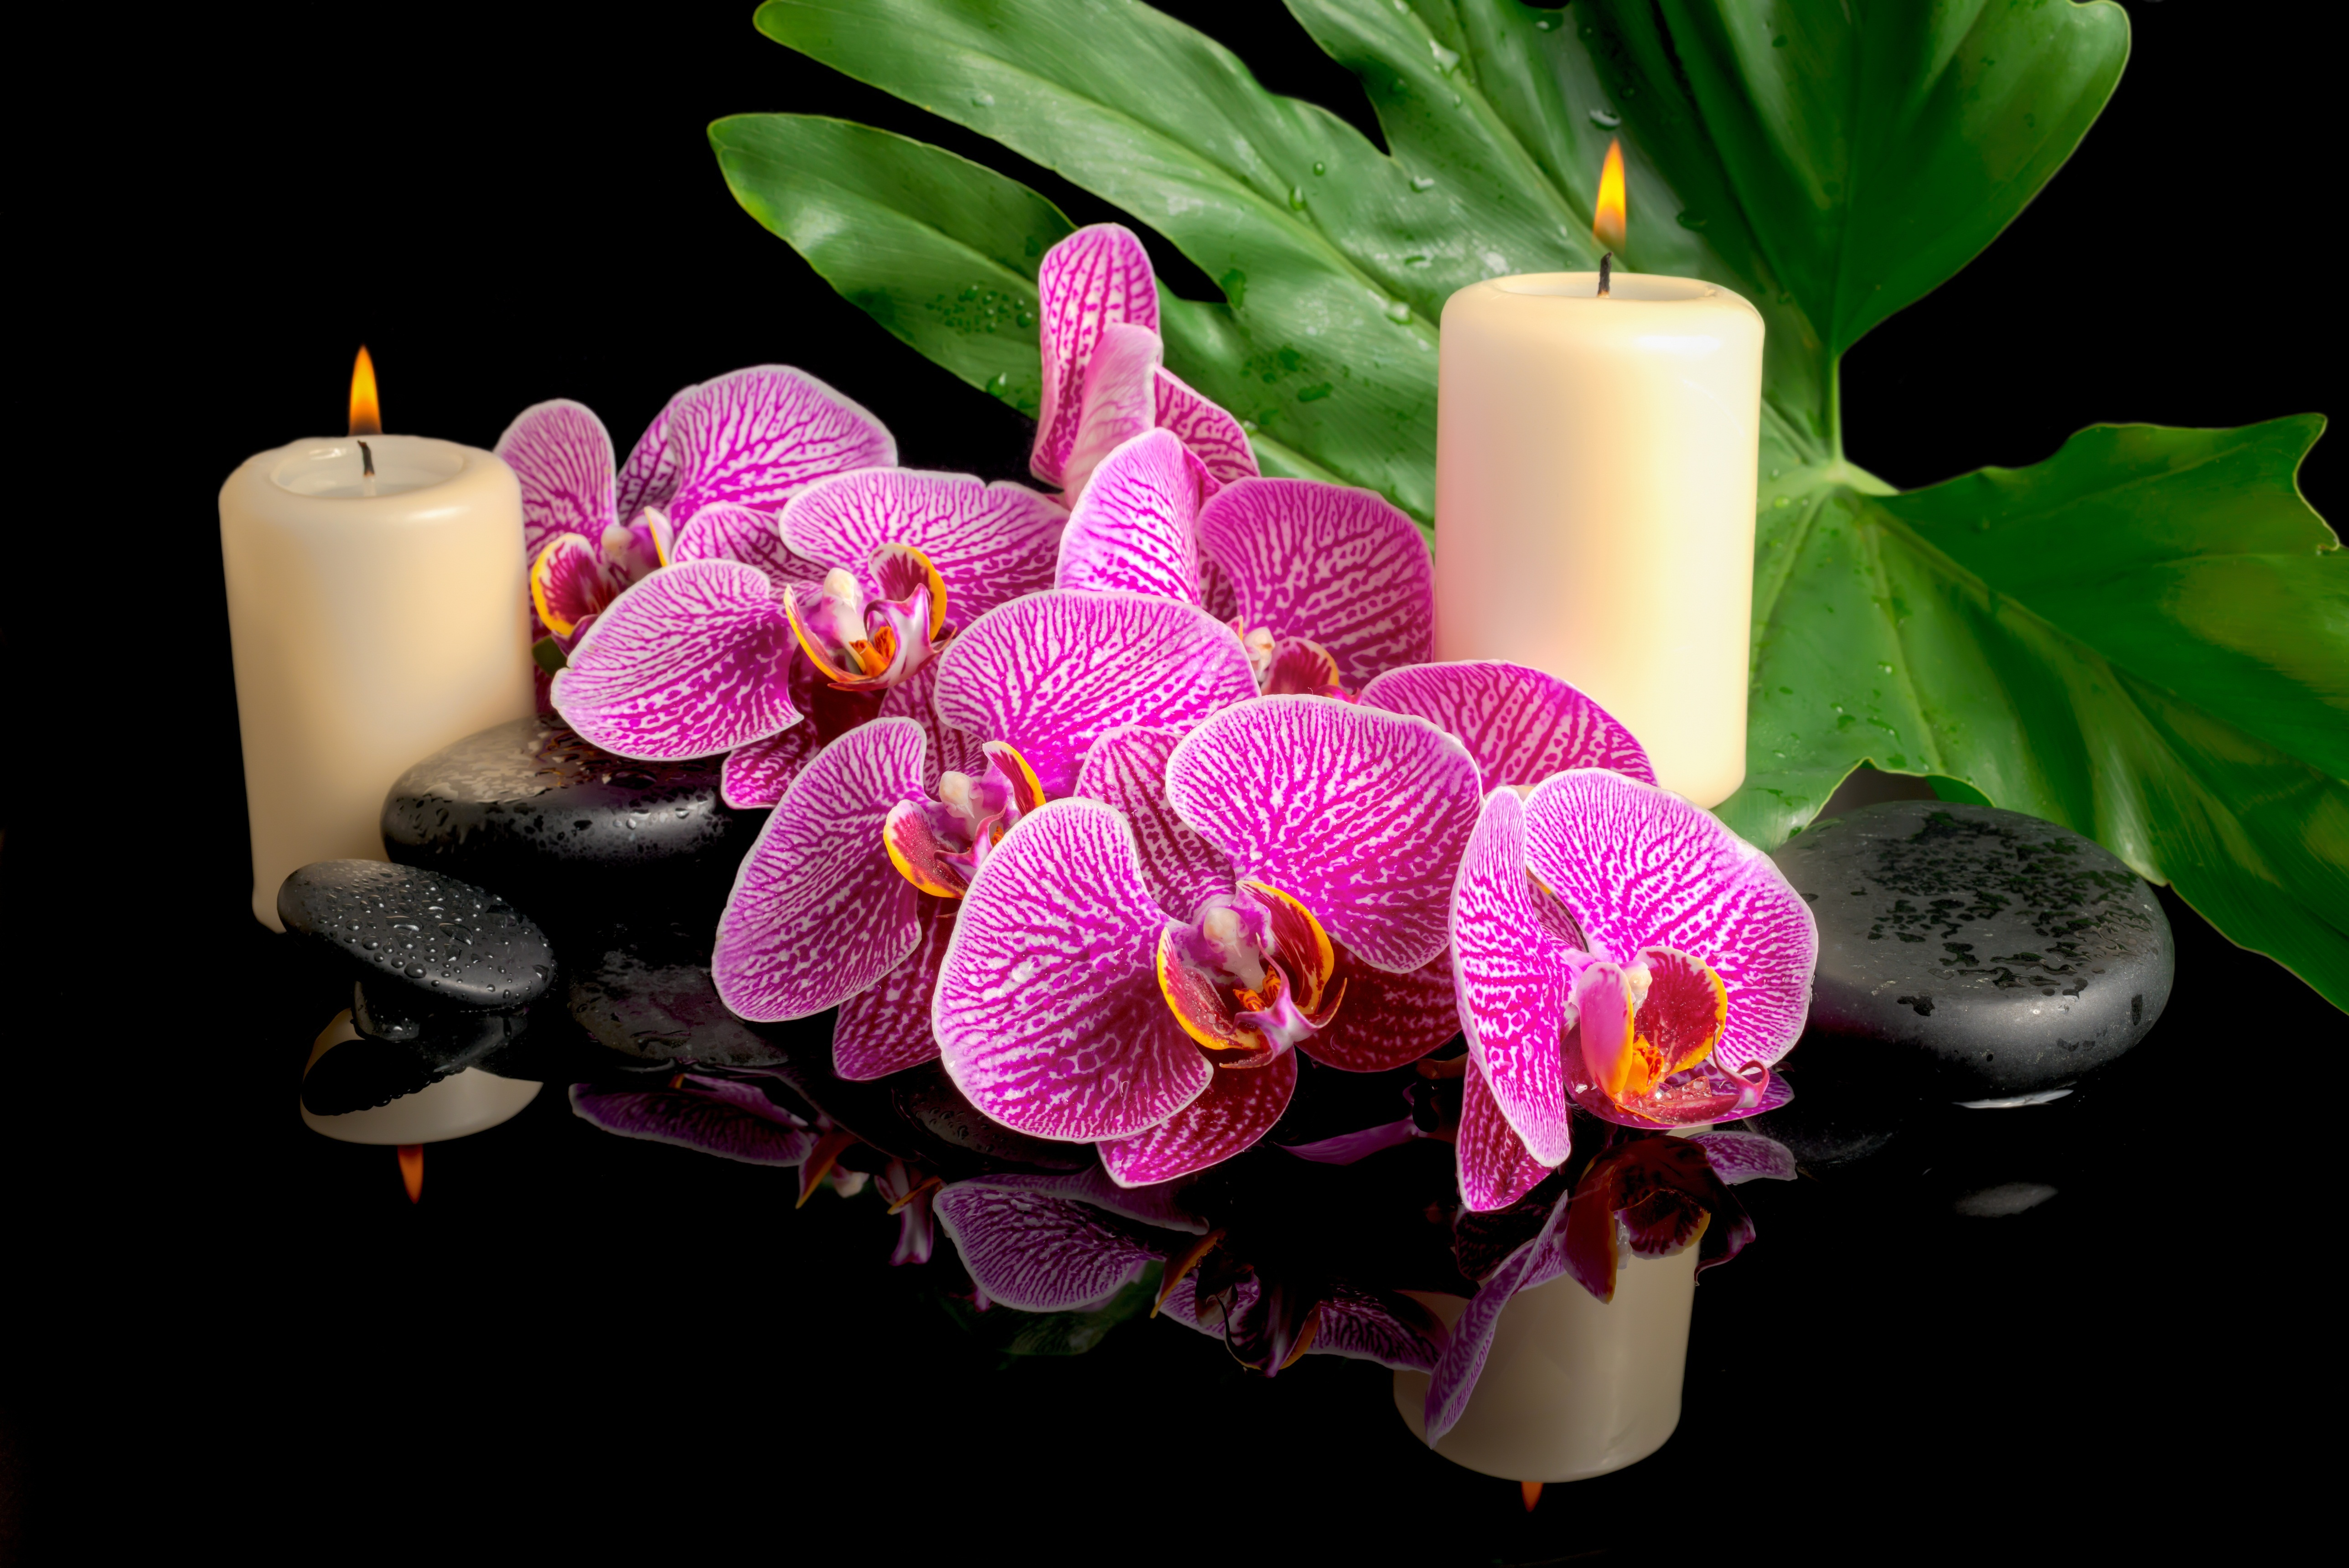 шикарные орхидеи в картинках зеленые, часто